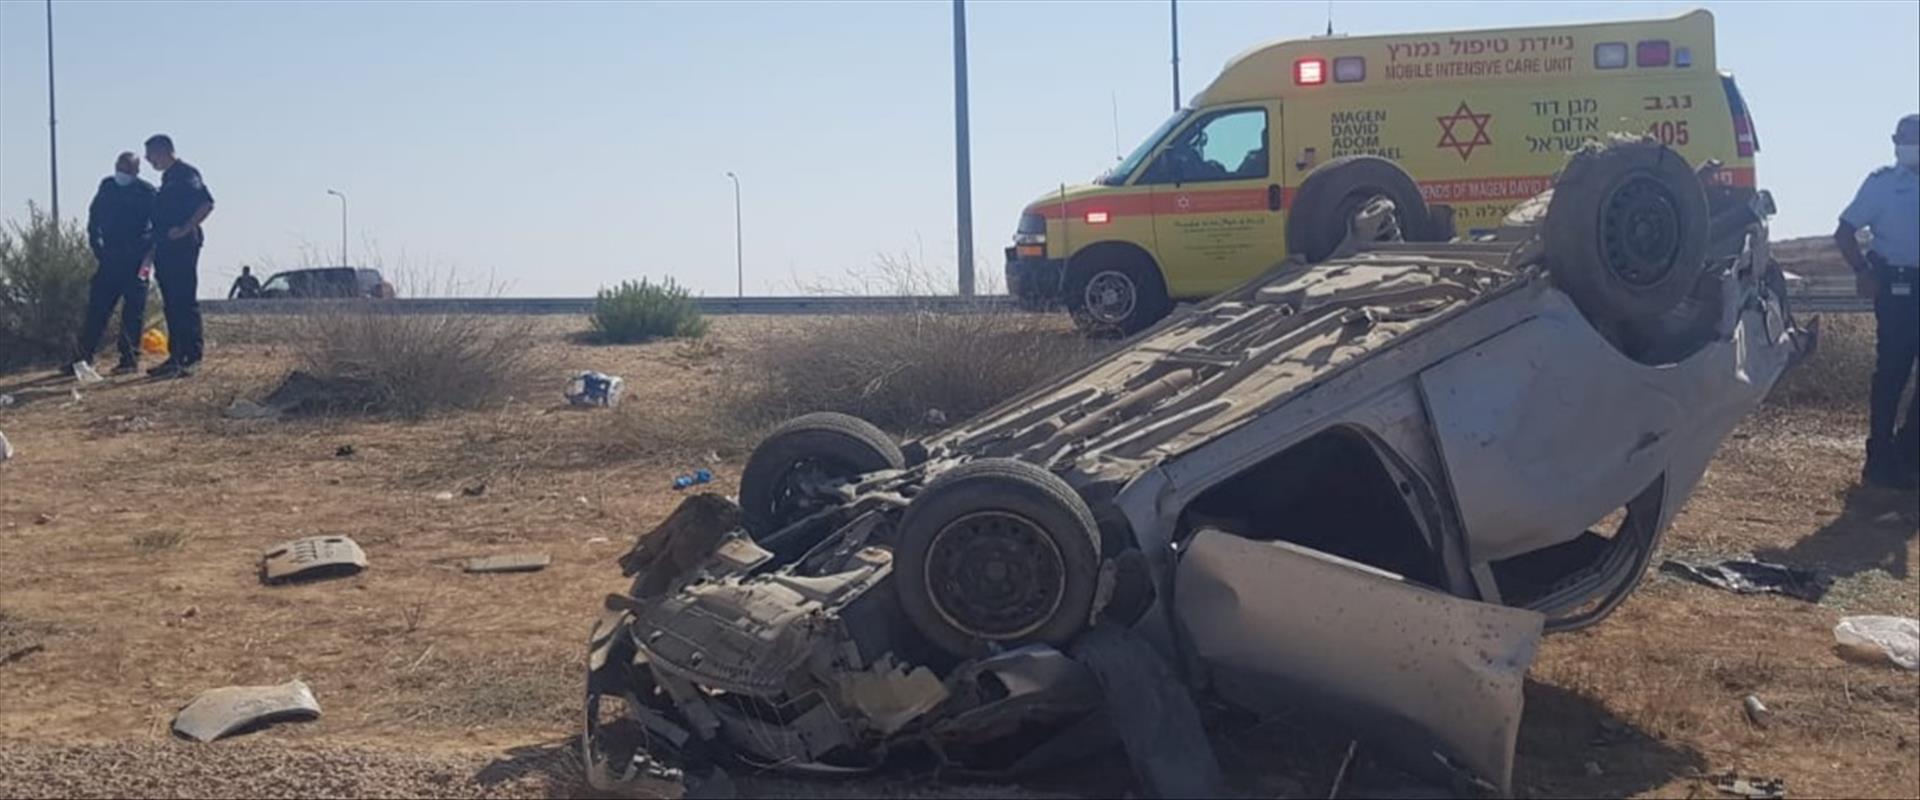 תיעוד מהתאונה